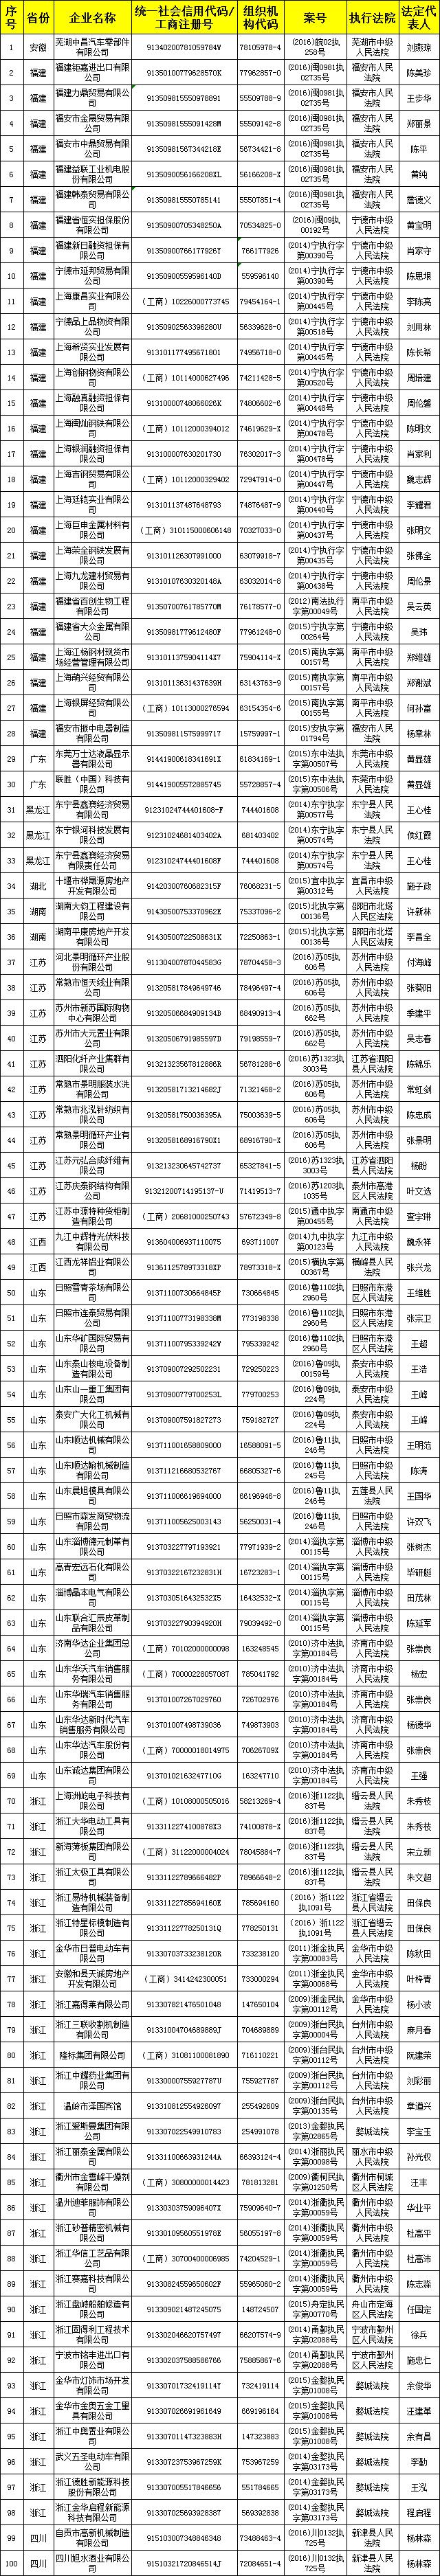 18日,信用中国网站公布了第四批涉金融黑名单